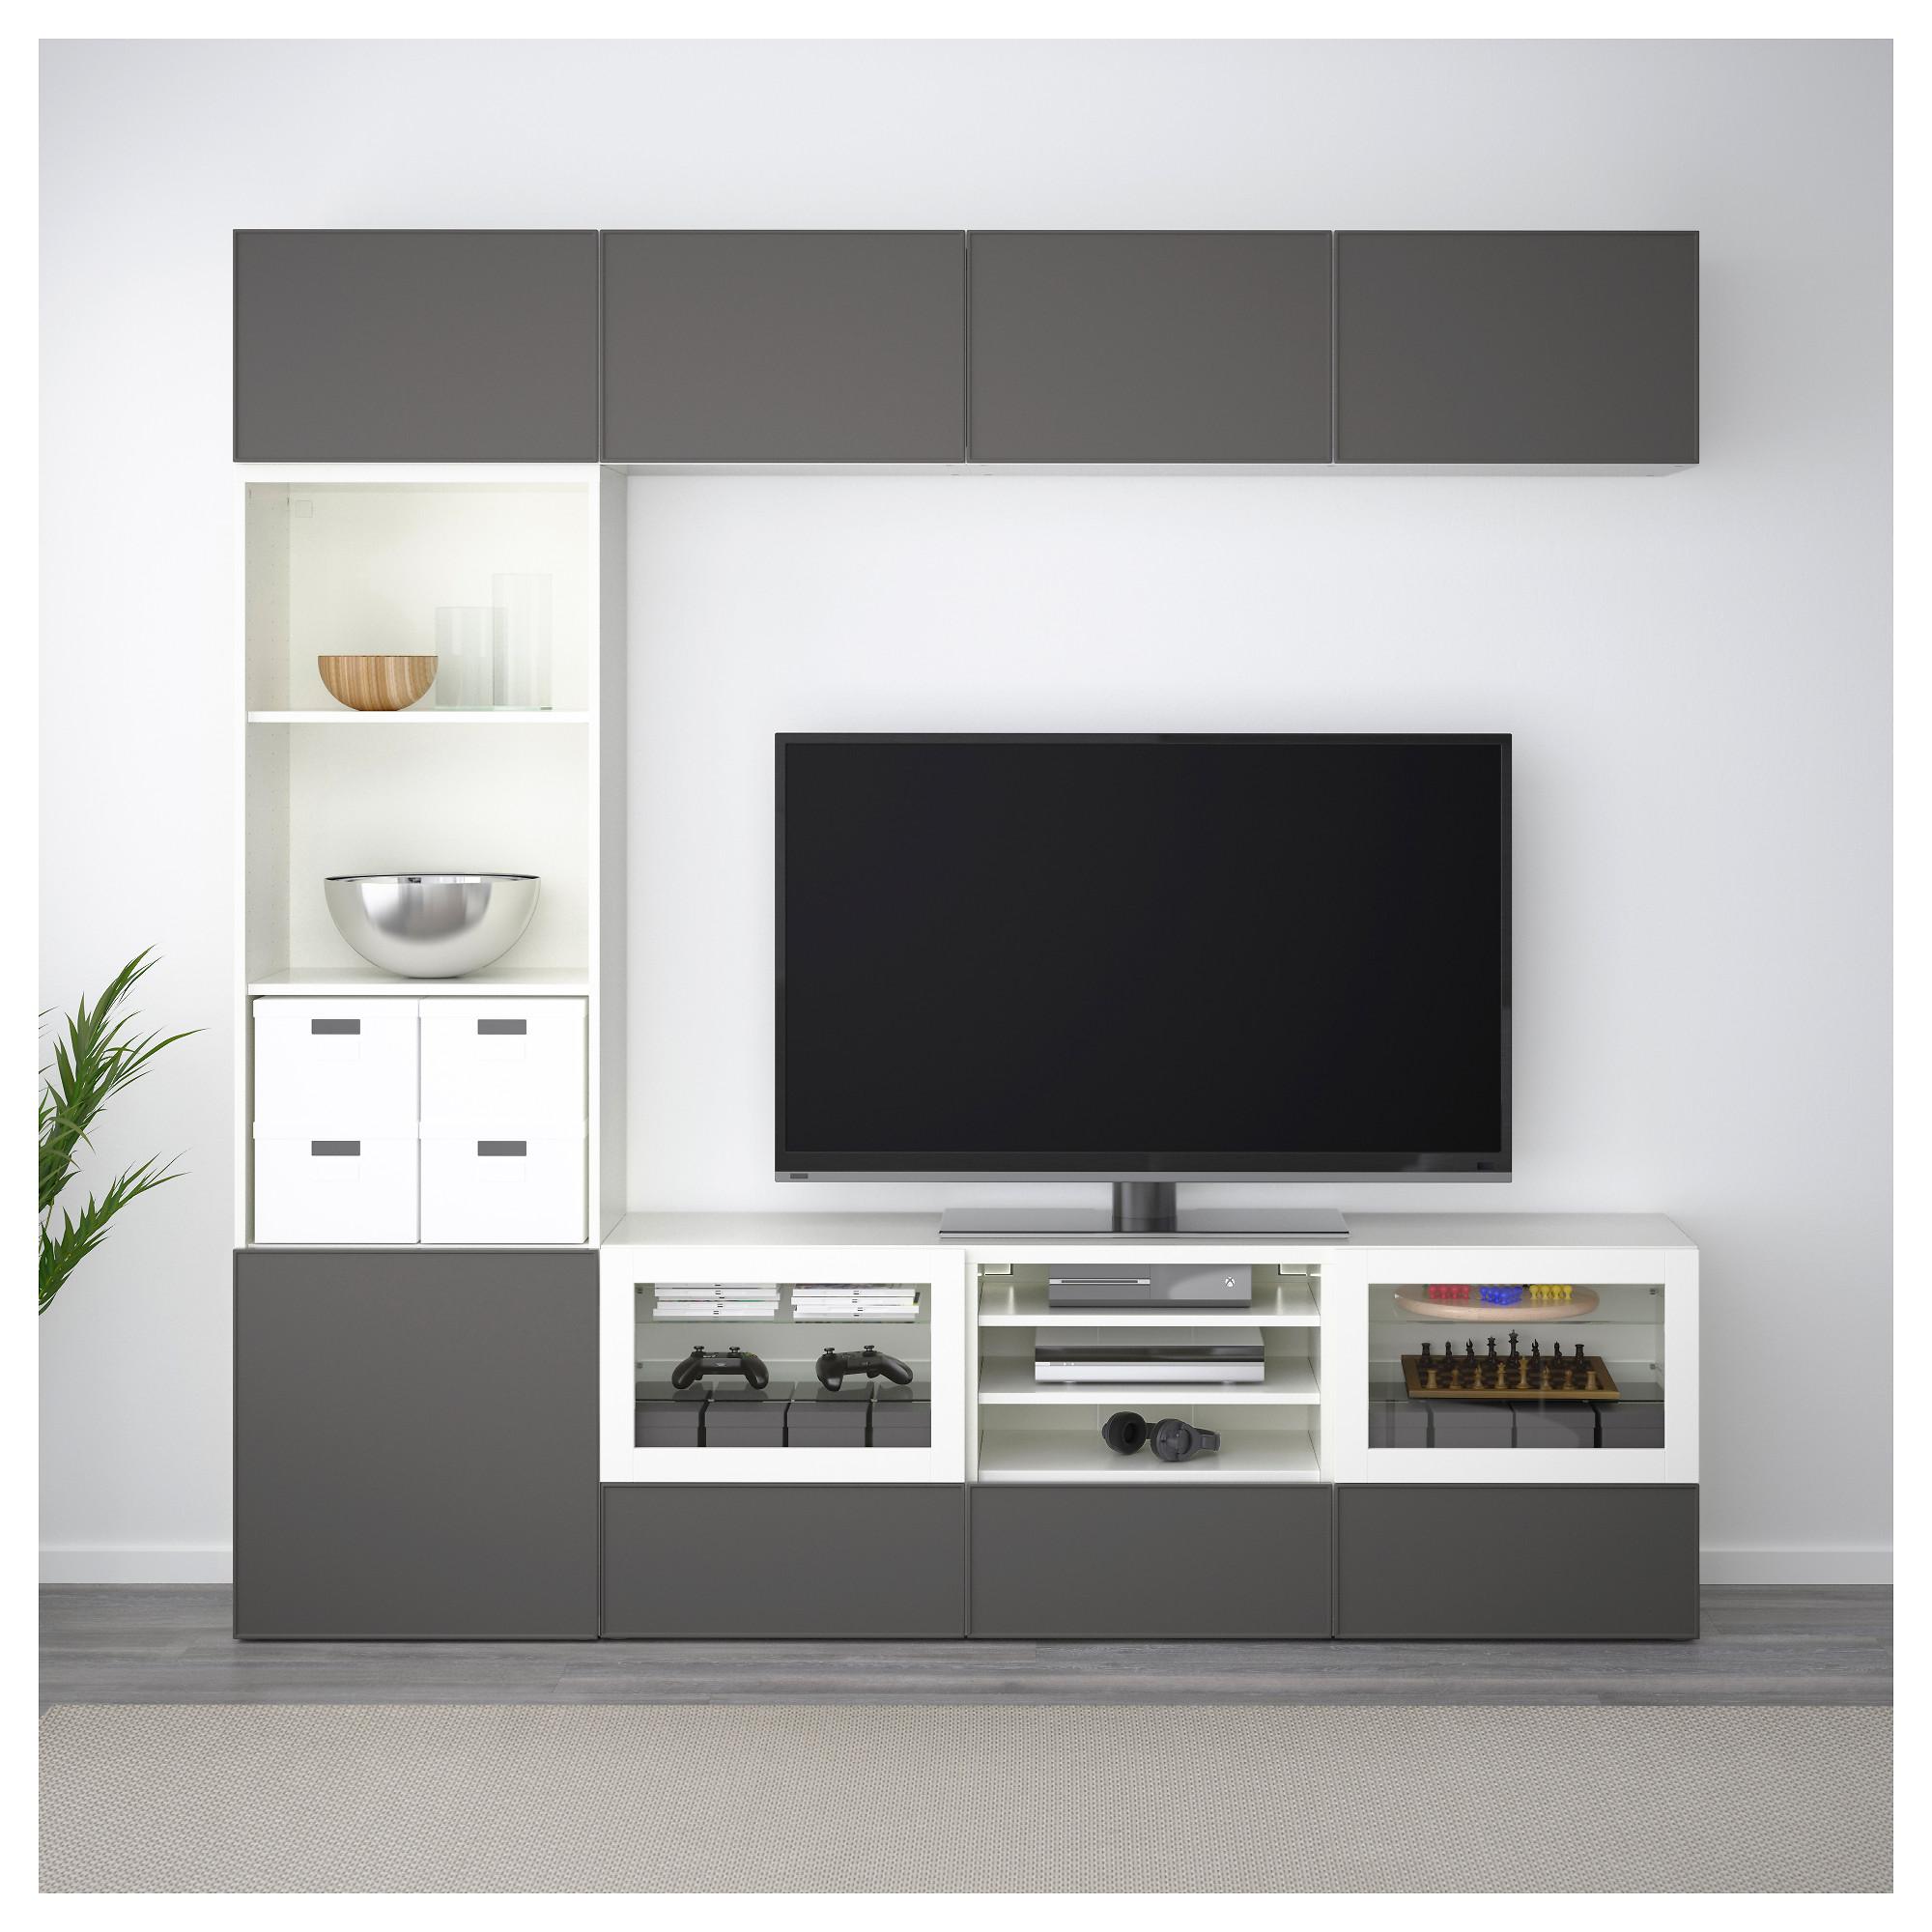 Шкаф для ТВ, комбинированный, стекляные дверцы БЕСТО артикуль № 192.501.88 в наличии. Онлайн каталог ИКЕА РБ. Недорогая доставка и установка.